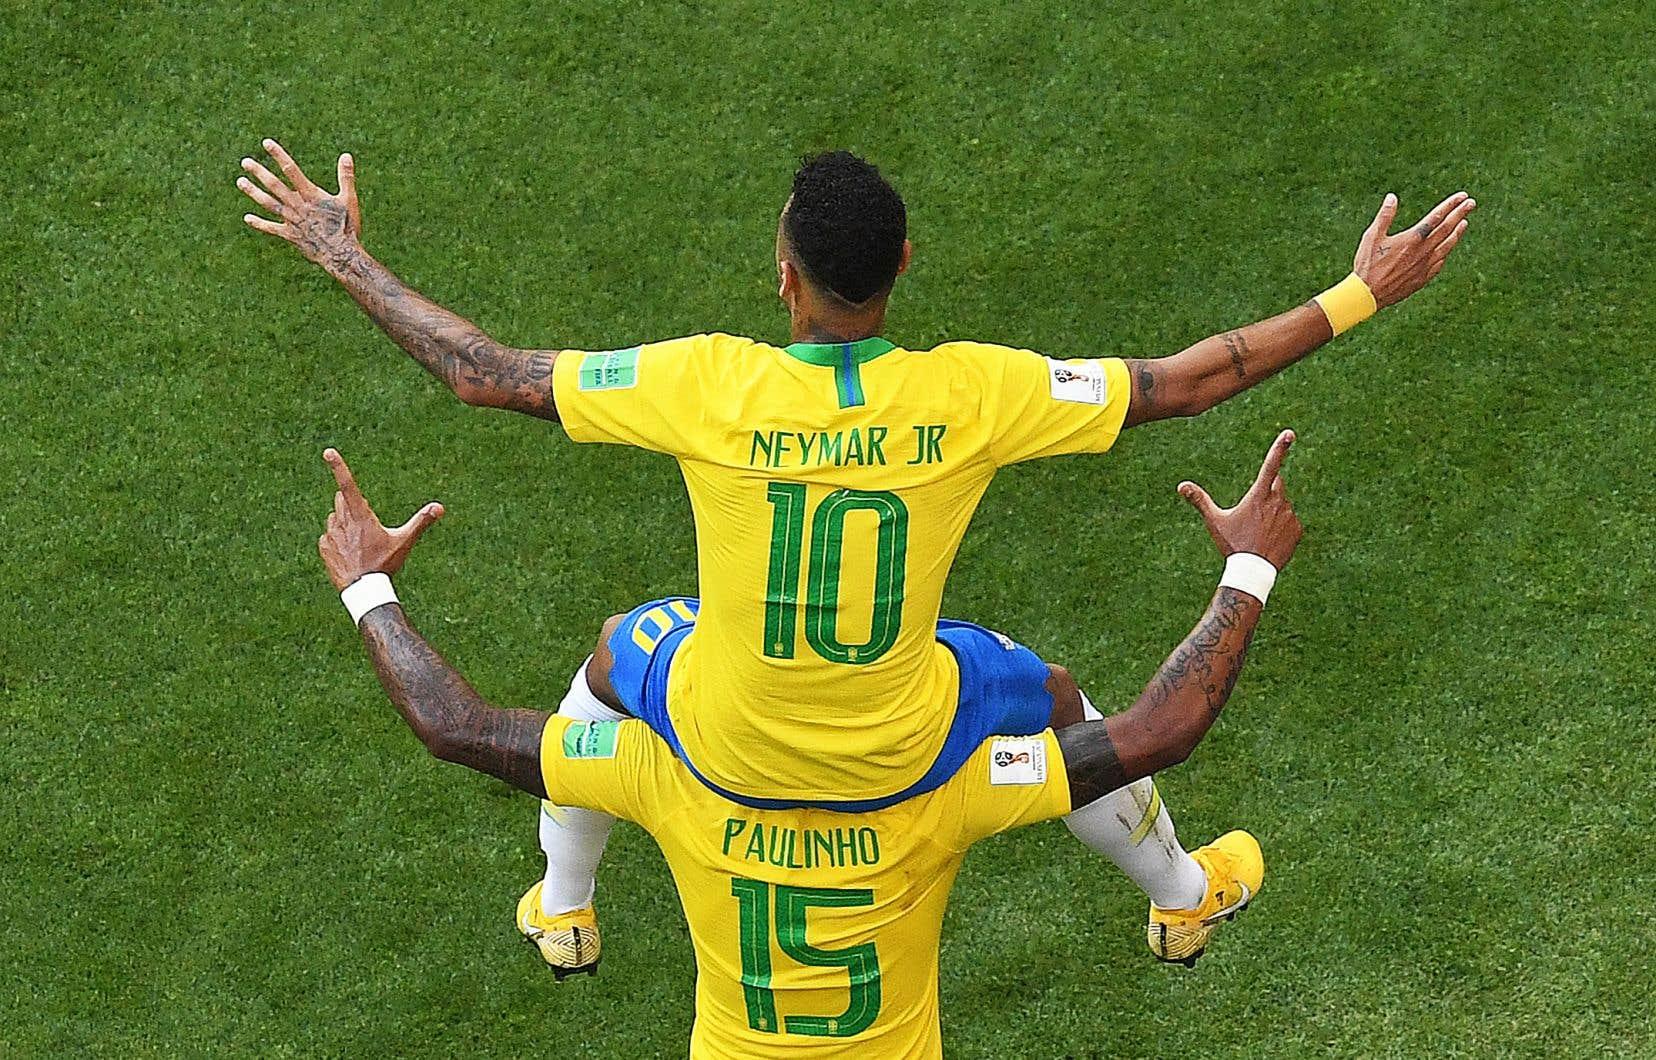 Le joueur brésilien Neymar a botté au filet durant le match contre le Mexique, lundi.